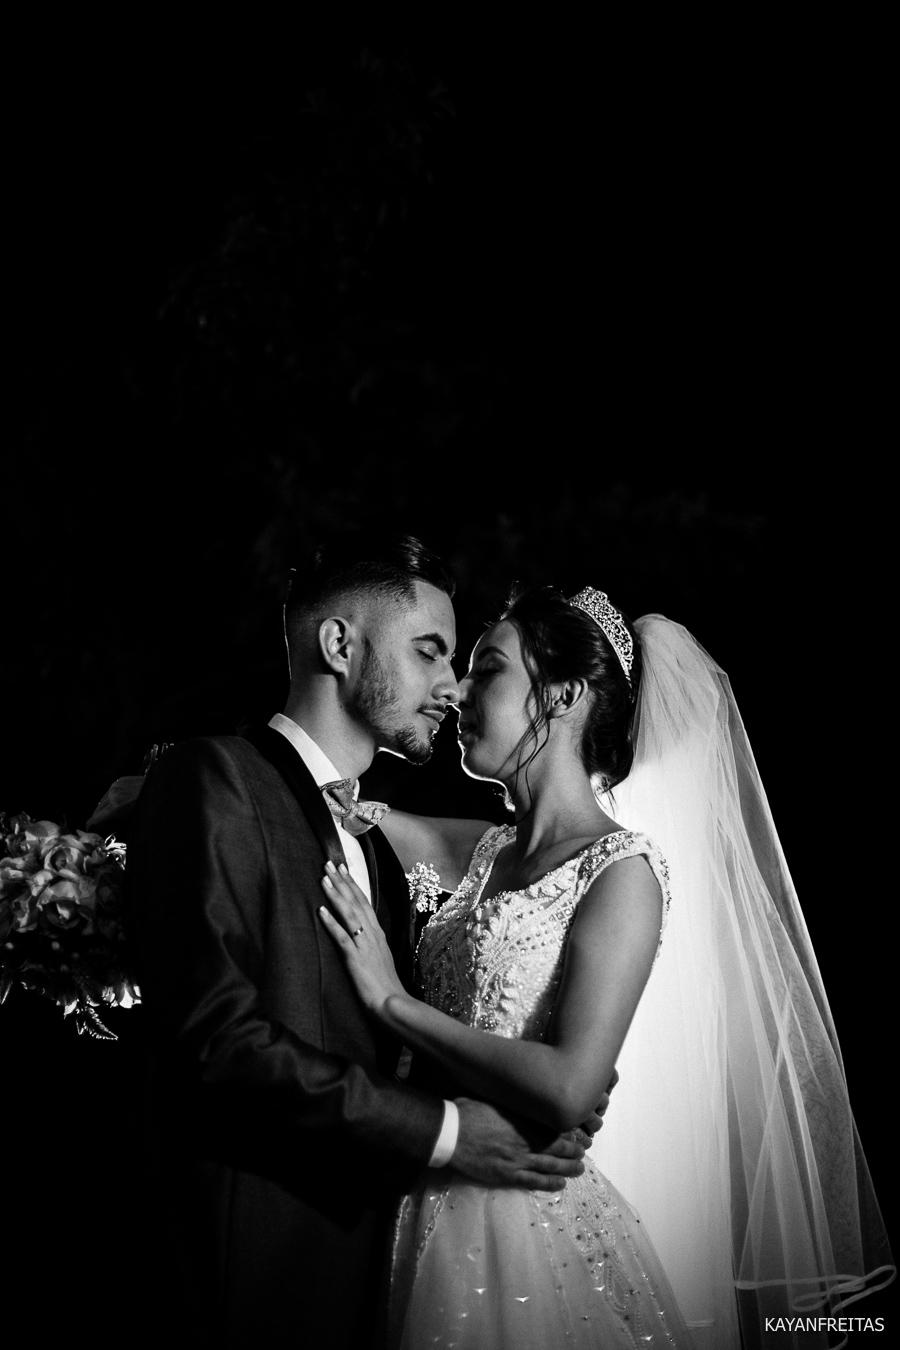 luiza-junior-casamento-0095 Casamento Luiza e Junior - Paula Ramos Florianópolis